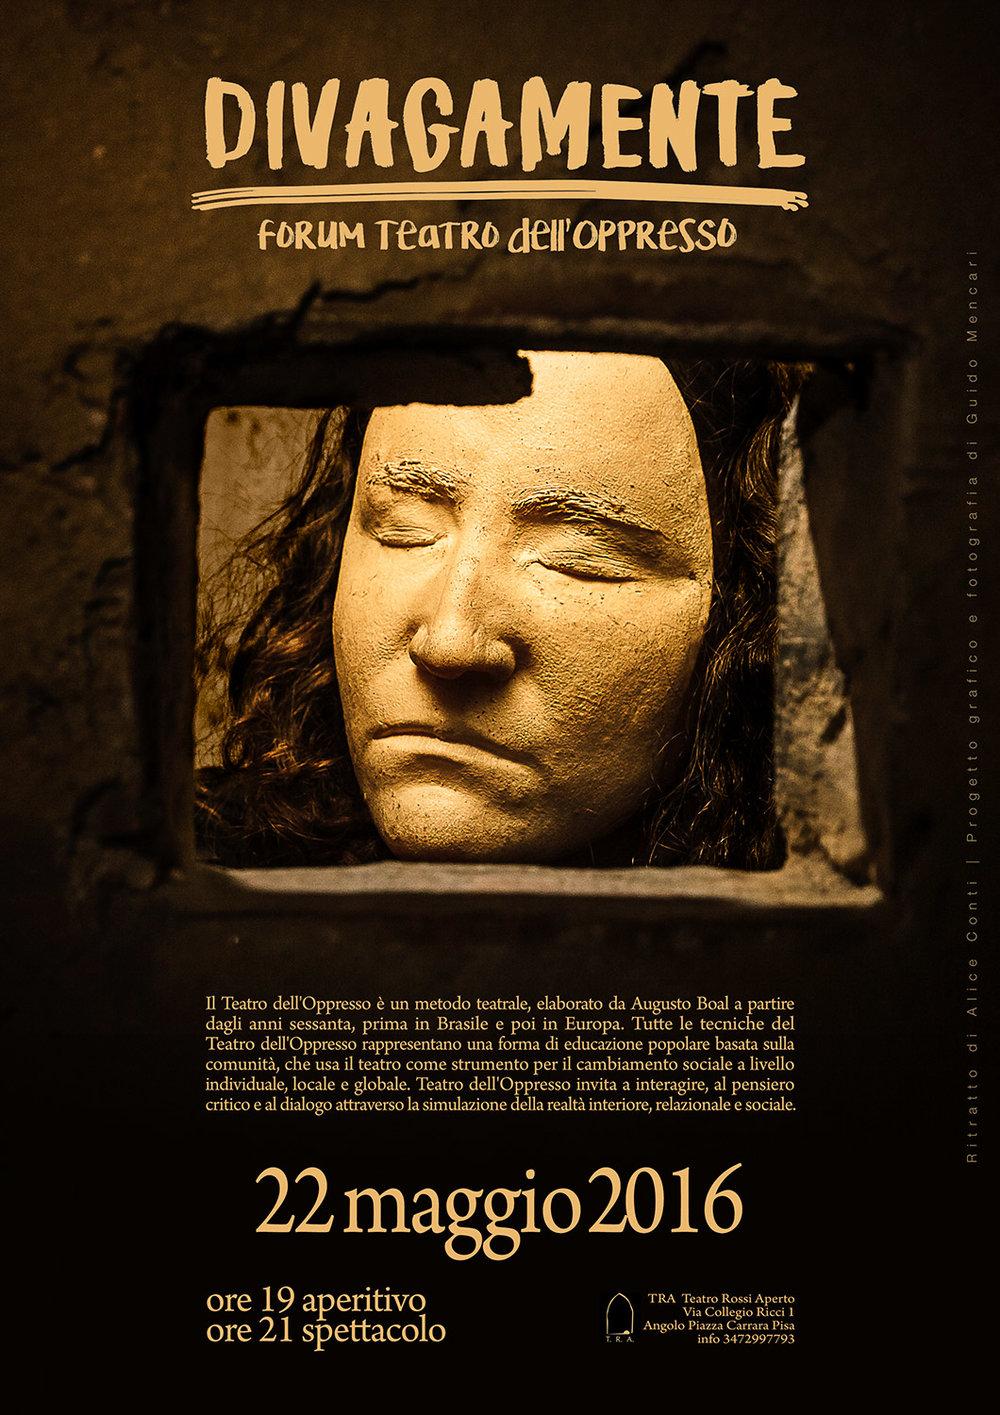 Divagamente. Forum Teatro dell'Oppresso